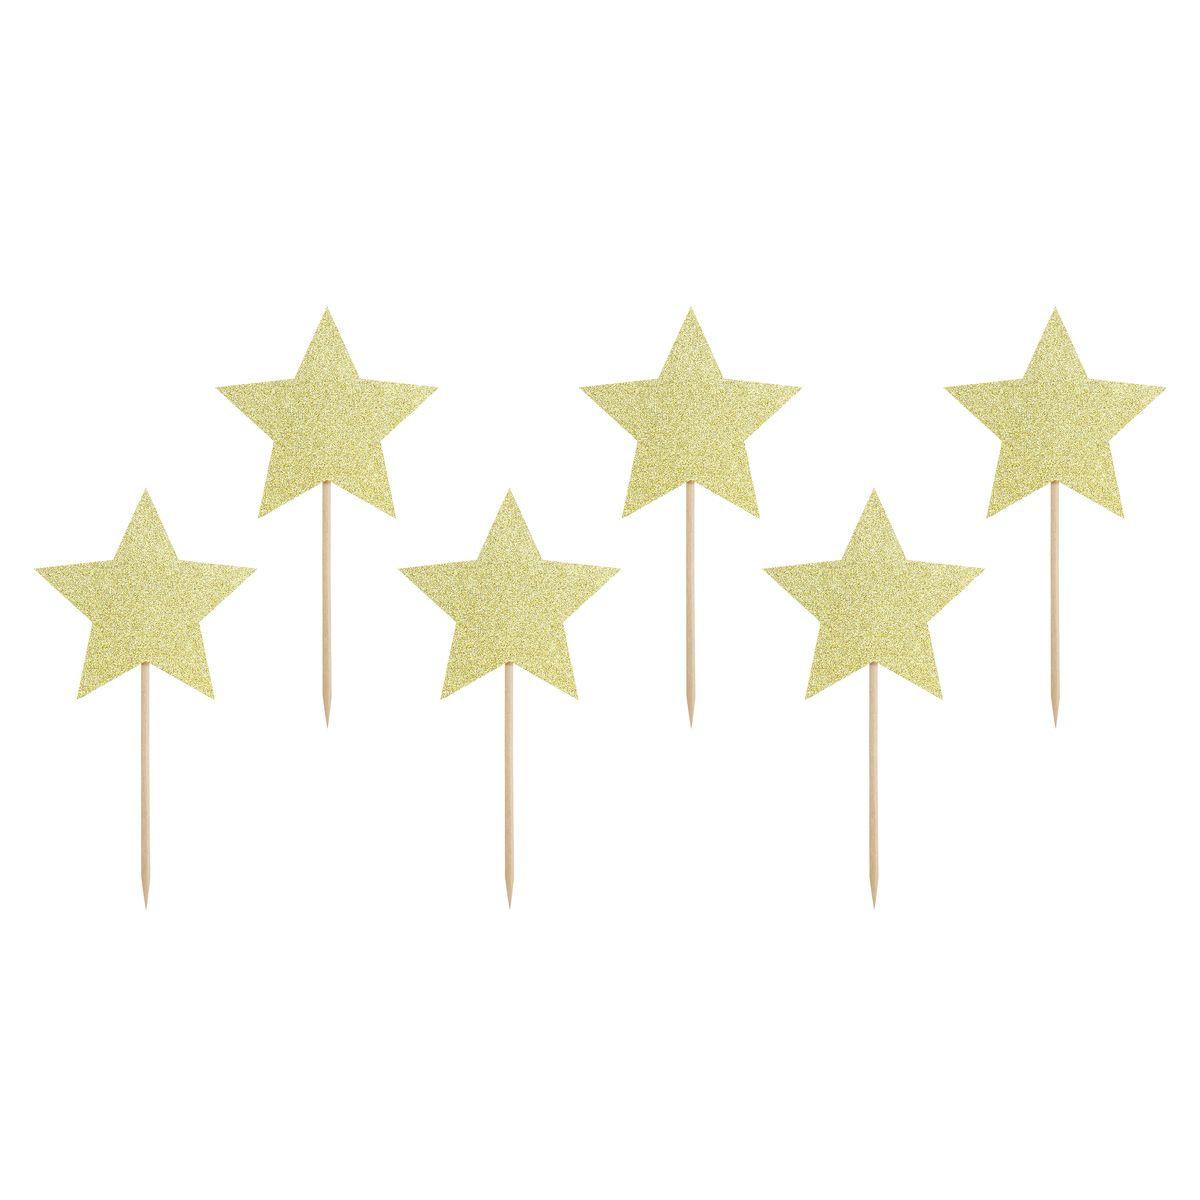 Décor de gâteau : 6 étoiles dorées 11.5 cm - Party Deco